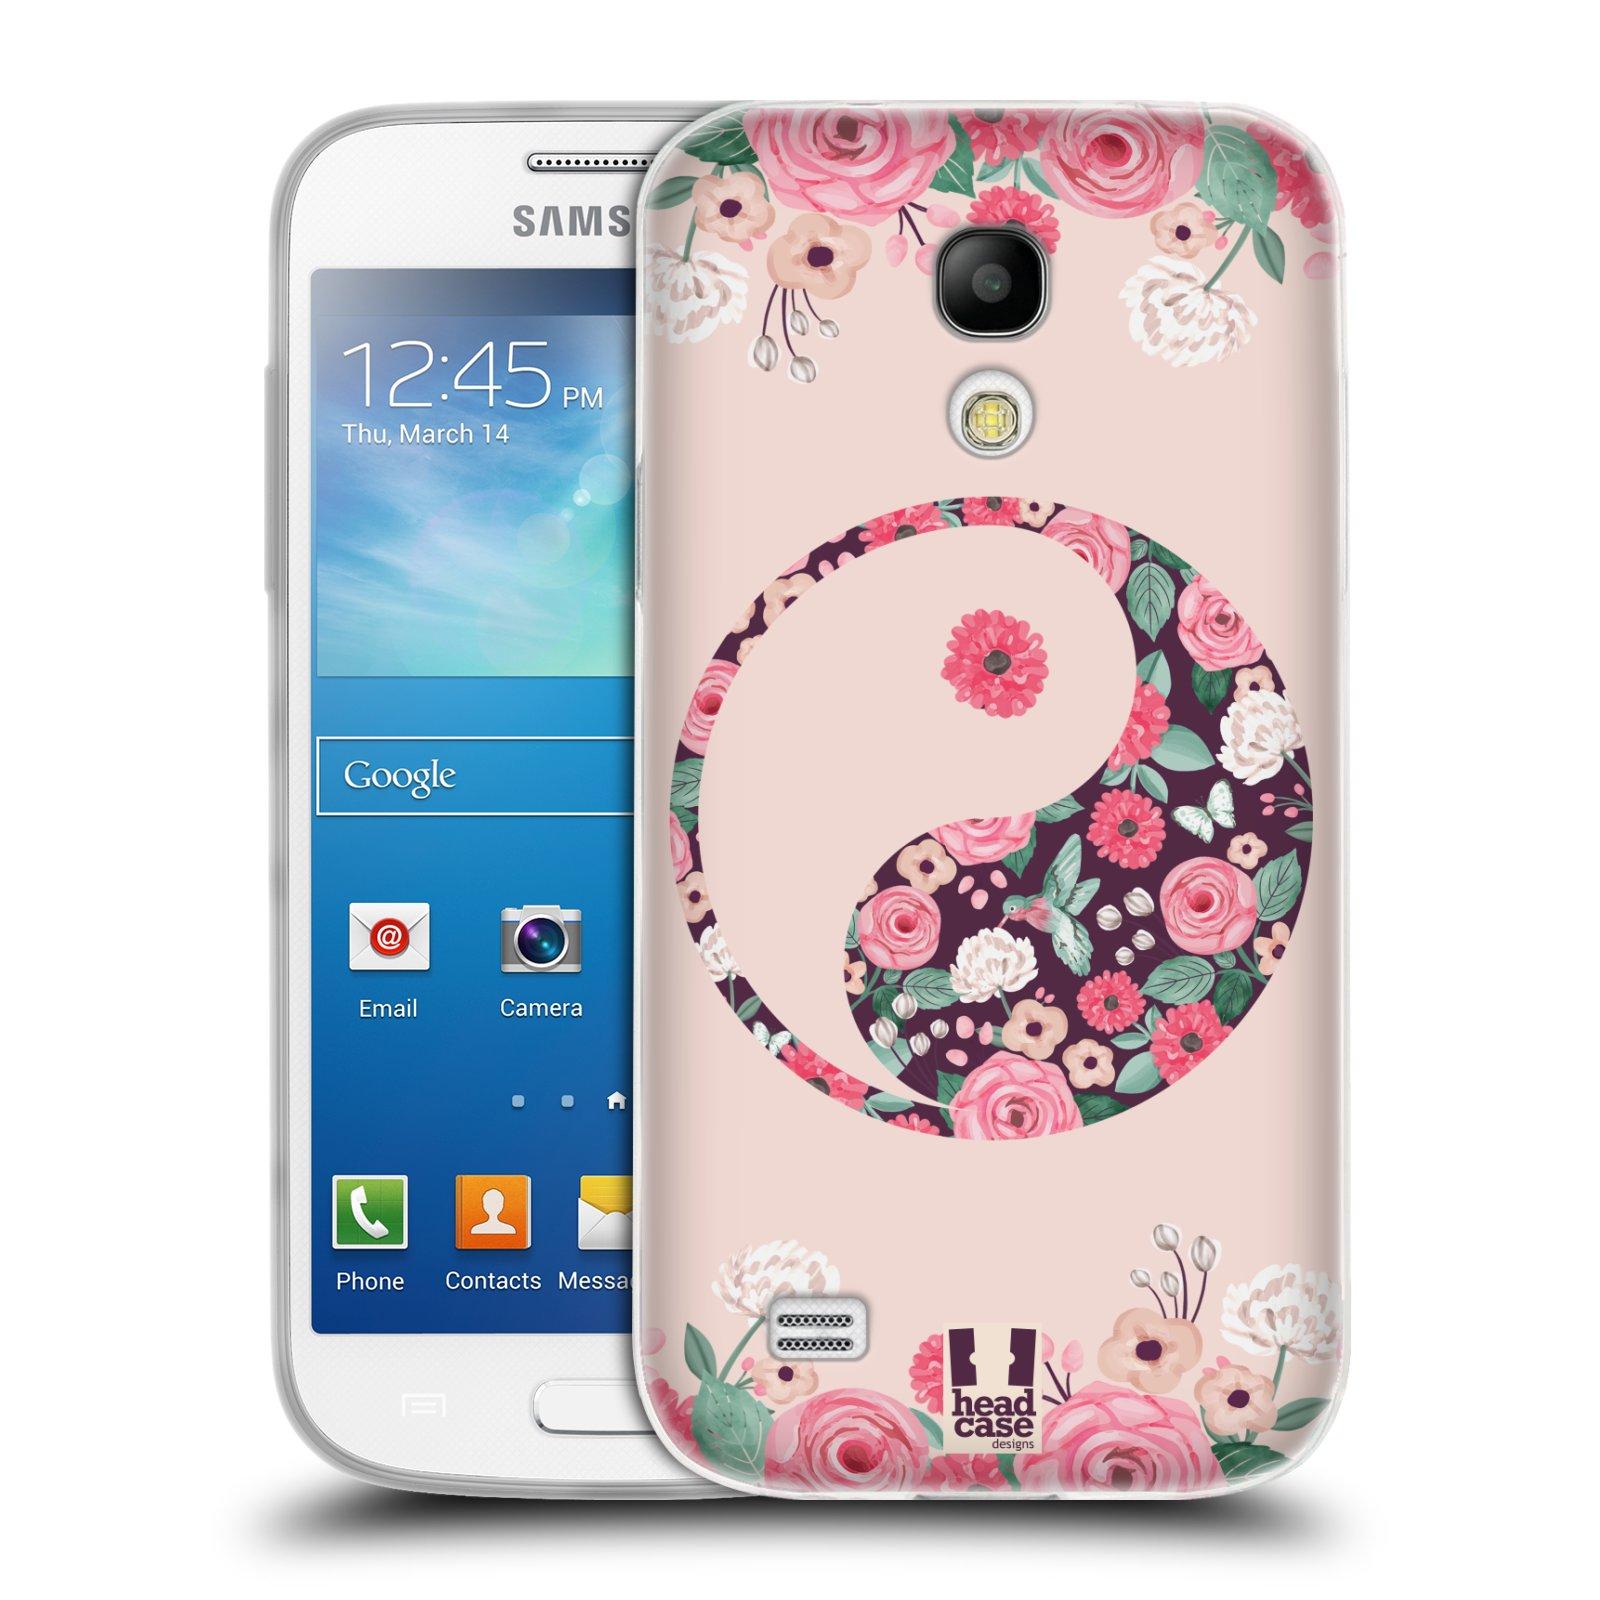 Silikonové pouzdro na mobil Samsung Galaxy S4 Mini HEAD CASE Yin a Yang Floral (Silikonový kryt či obal na mobilní telefon Samsung Galaxy S4 Mini GT-i9195 / i9190 (nepasuje na verzi Black Edition))